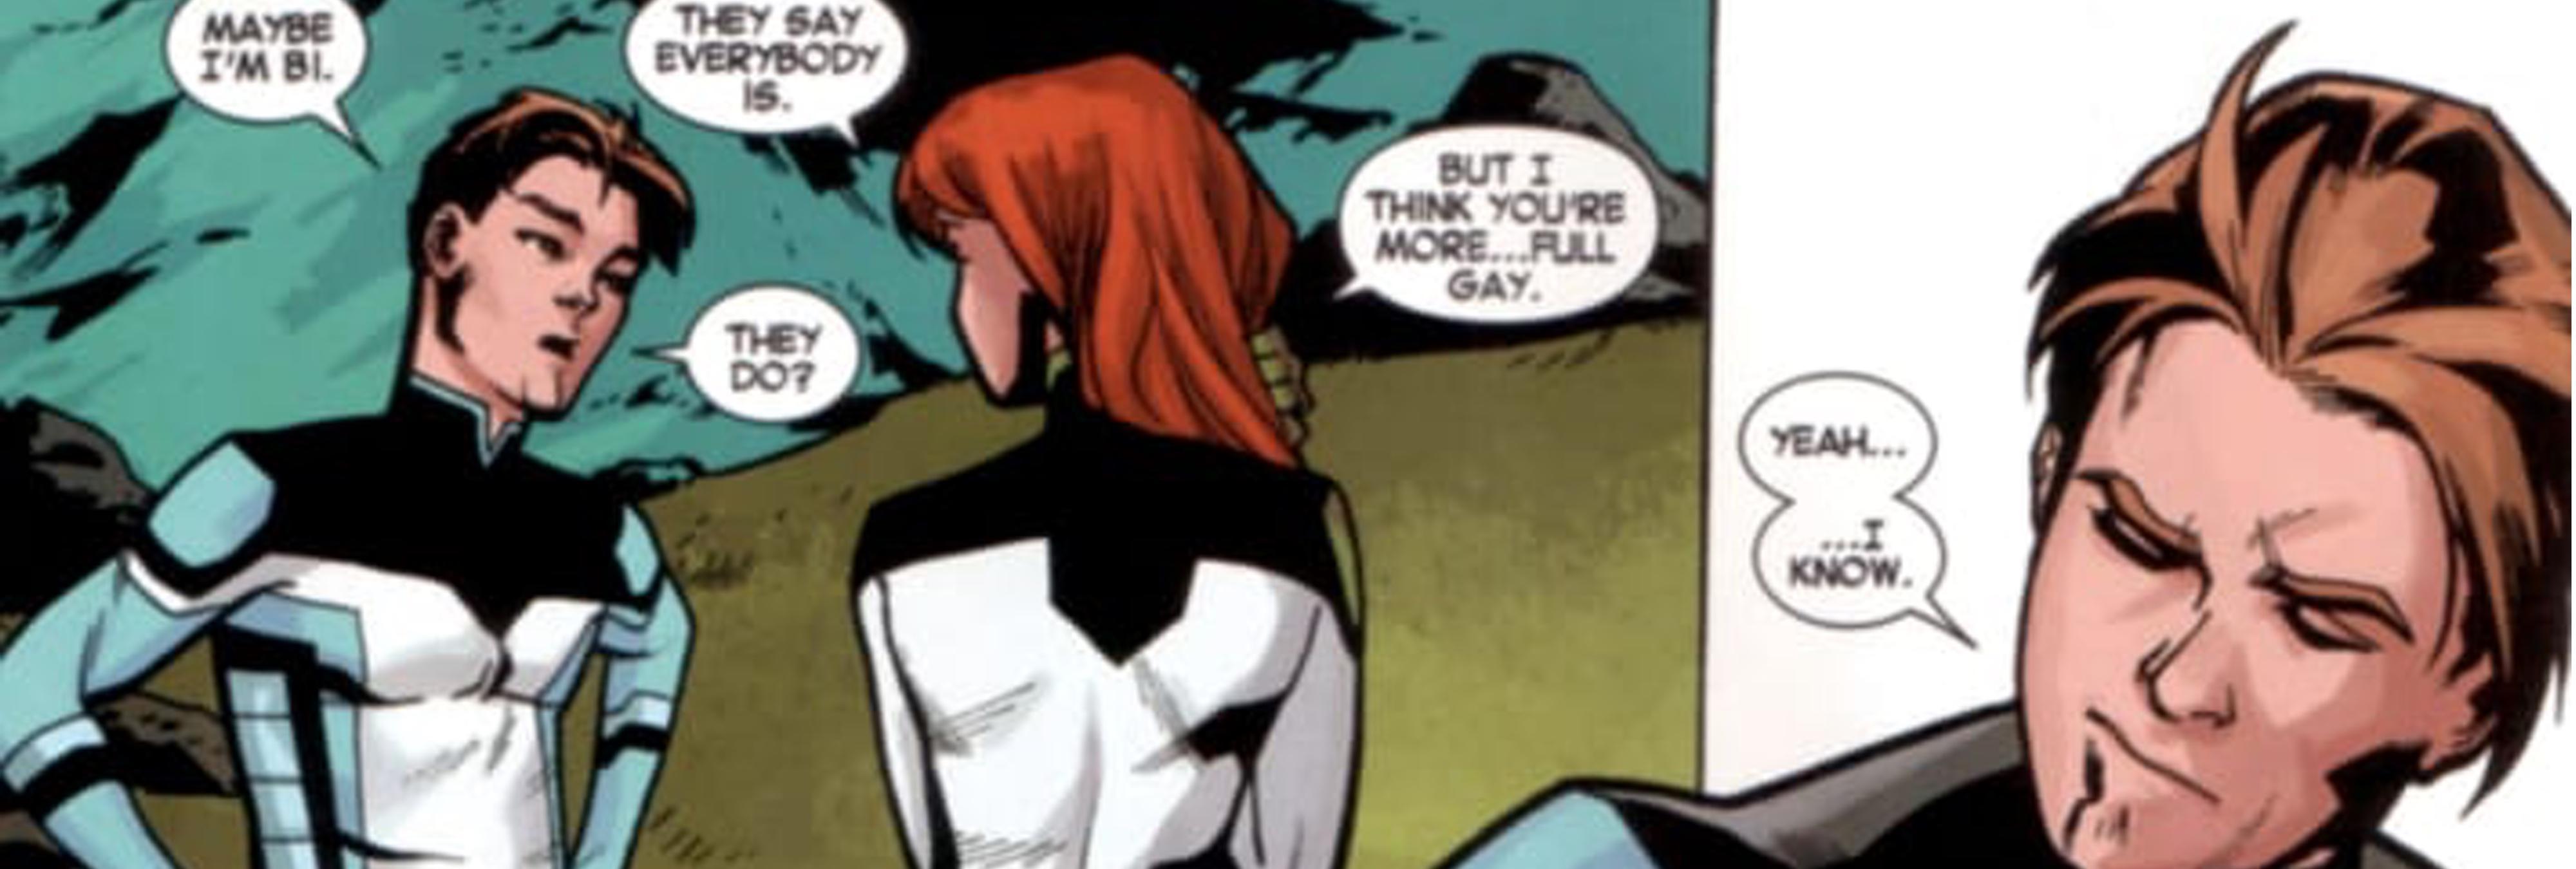 Superhéroes LGTB: cómo han cambiado desde sus inicios hasta ahora